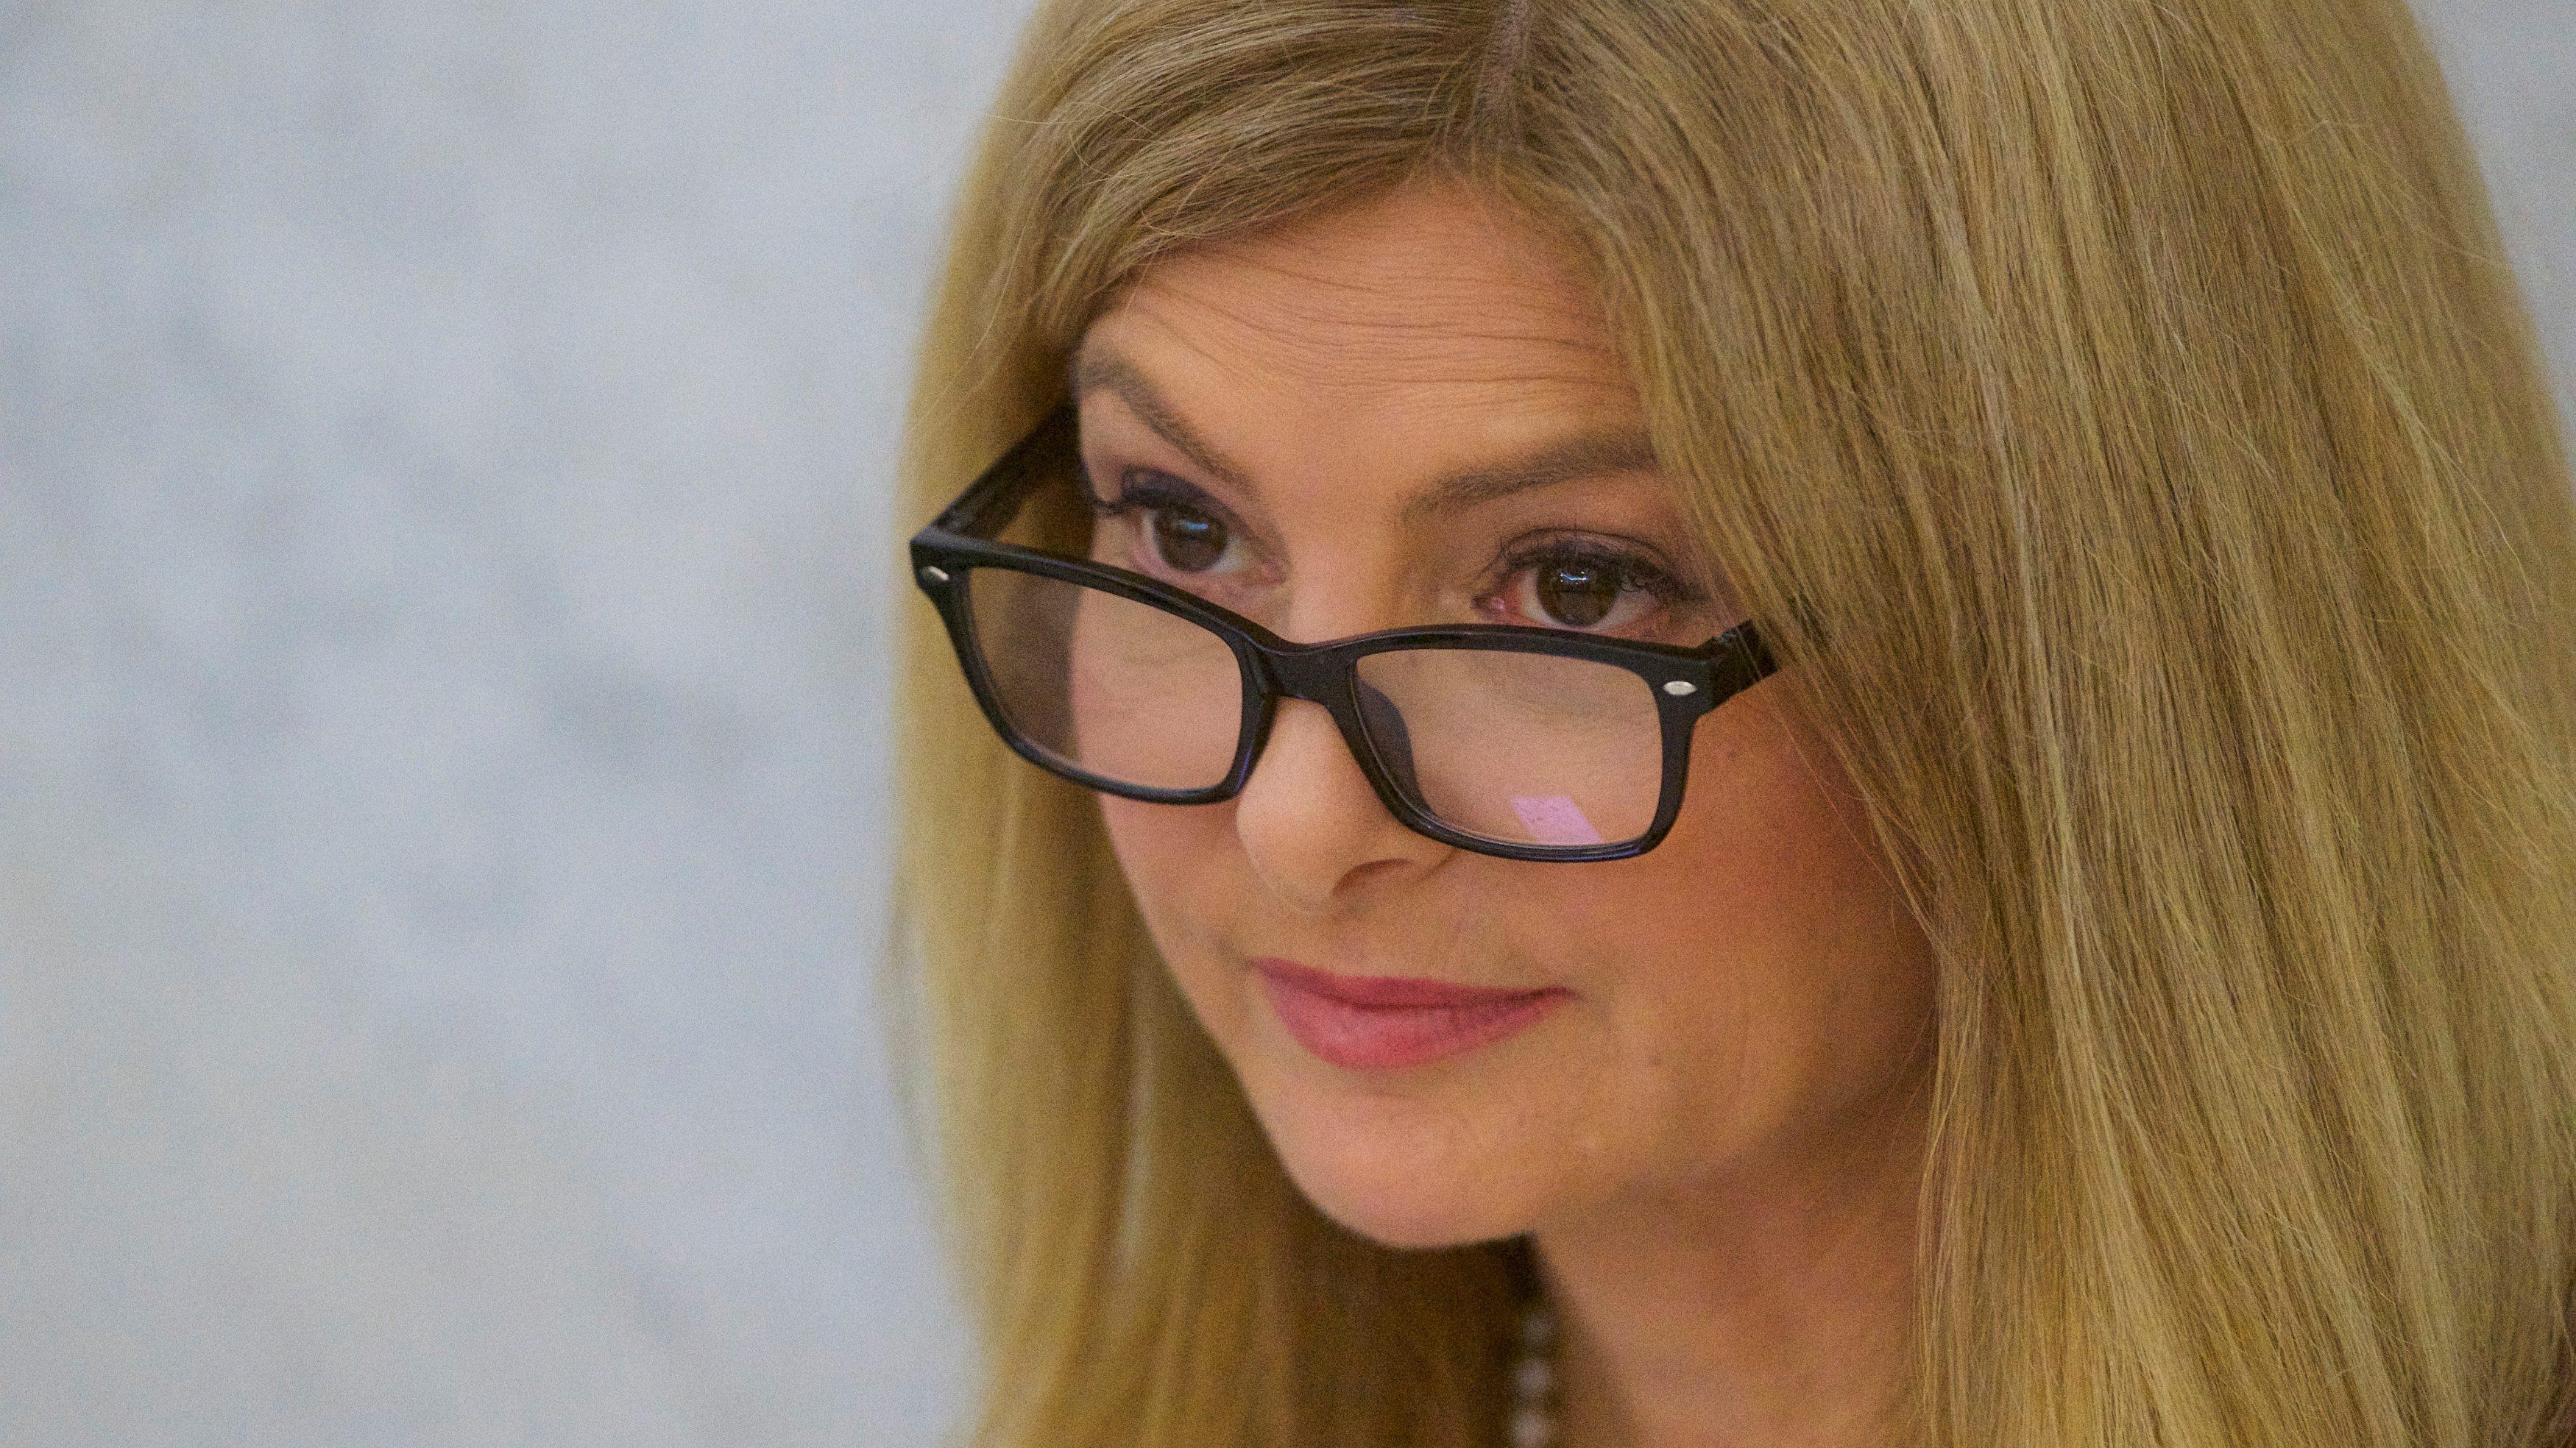 Lisa Bloom in 2018